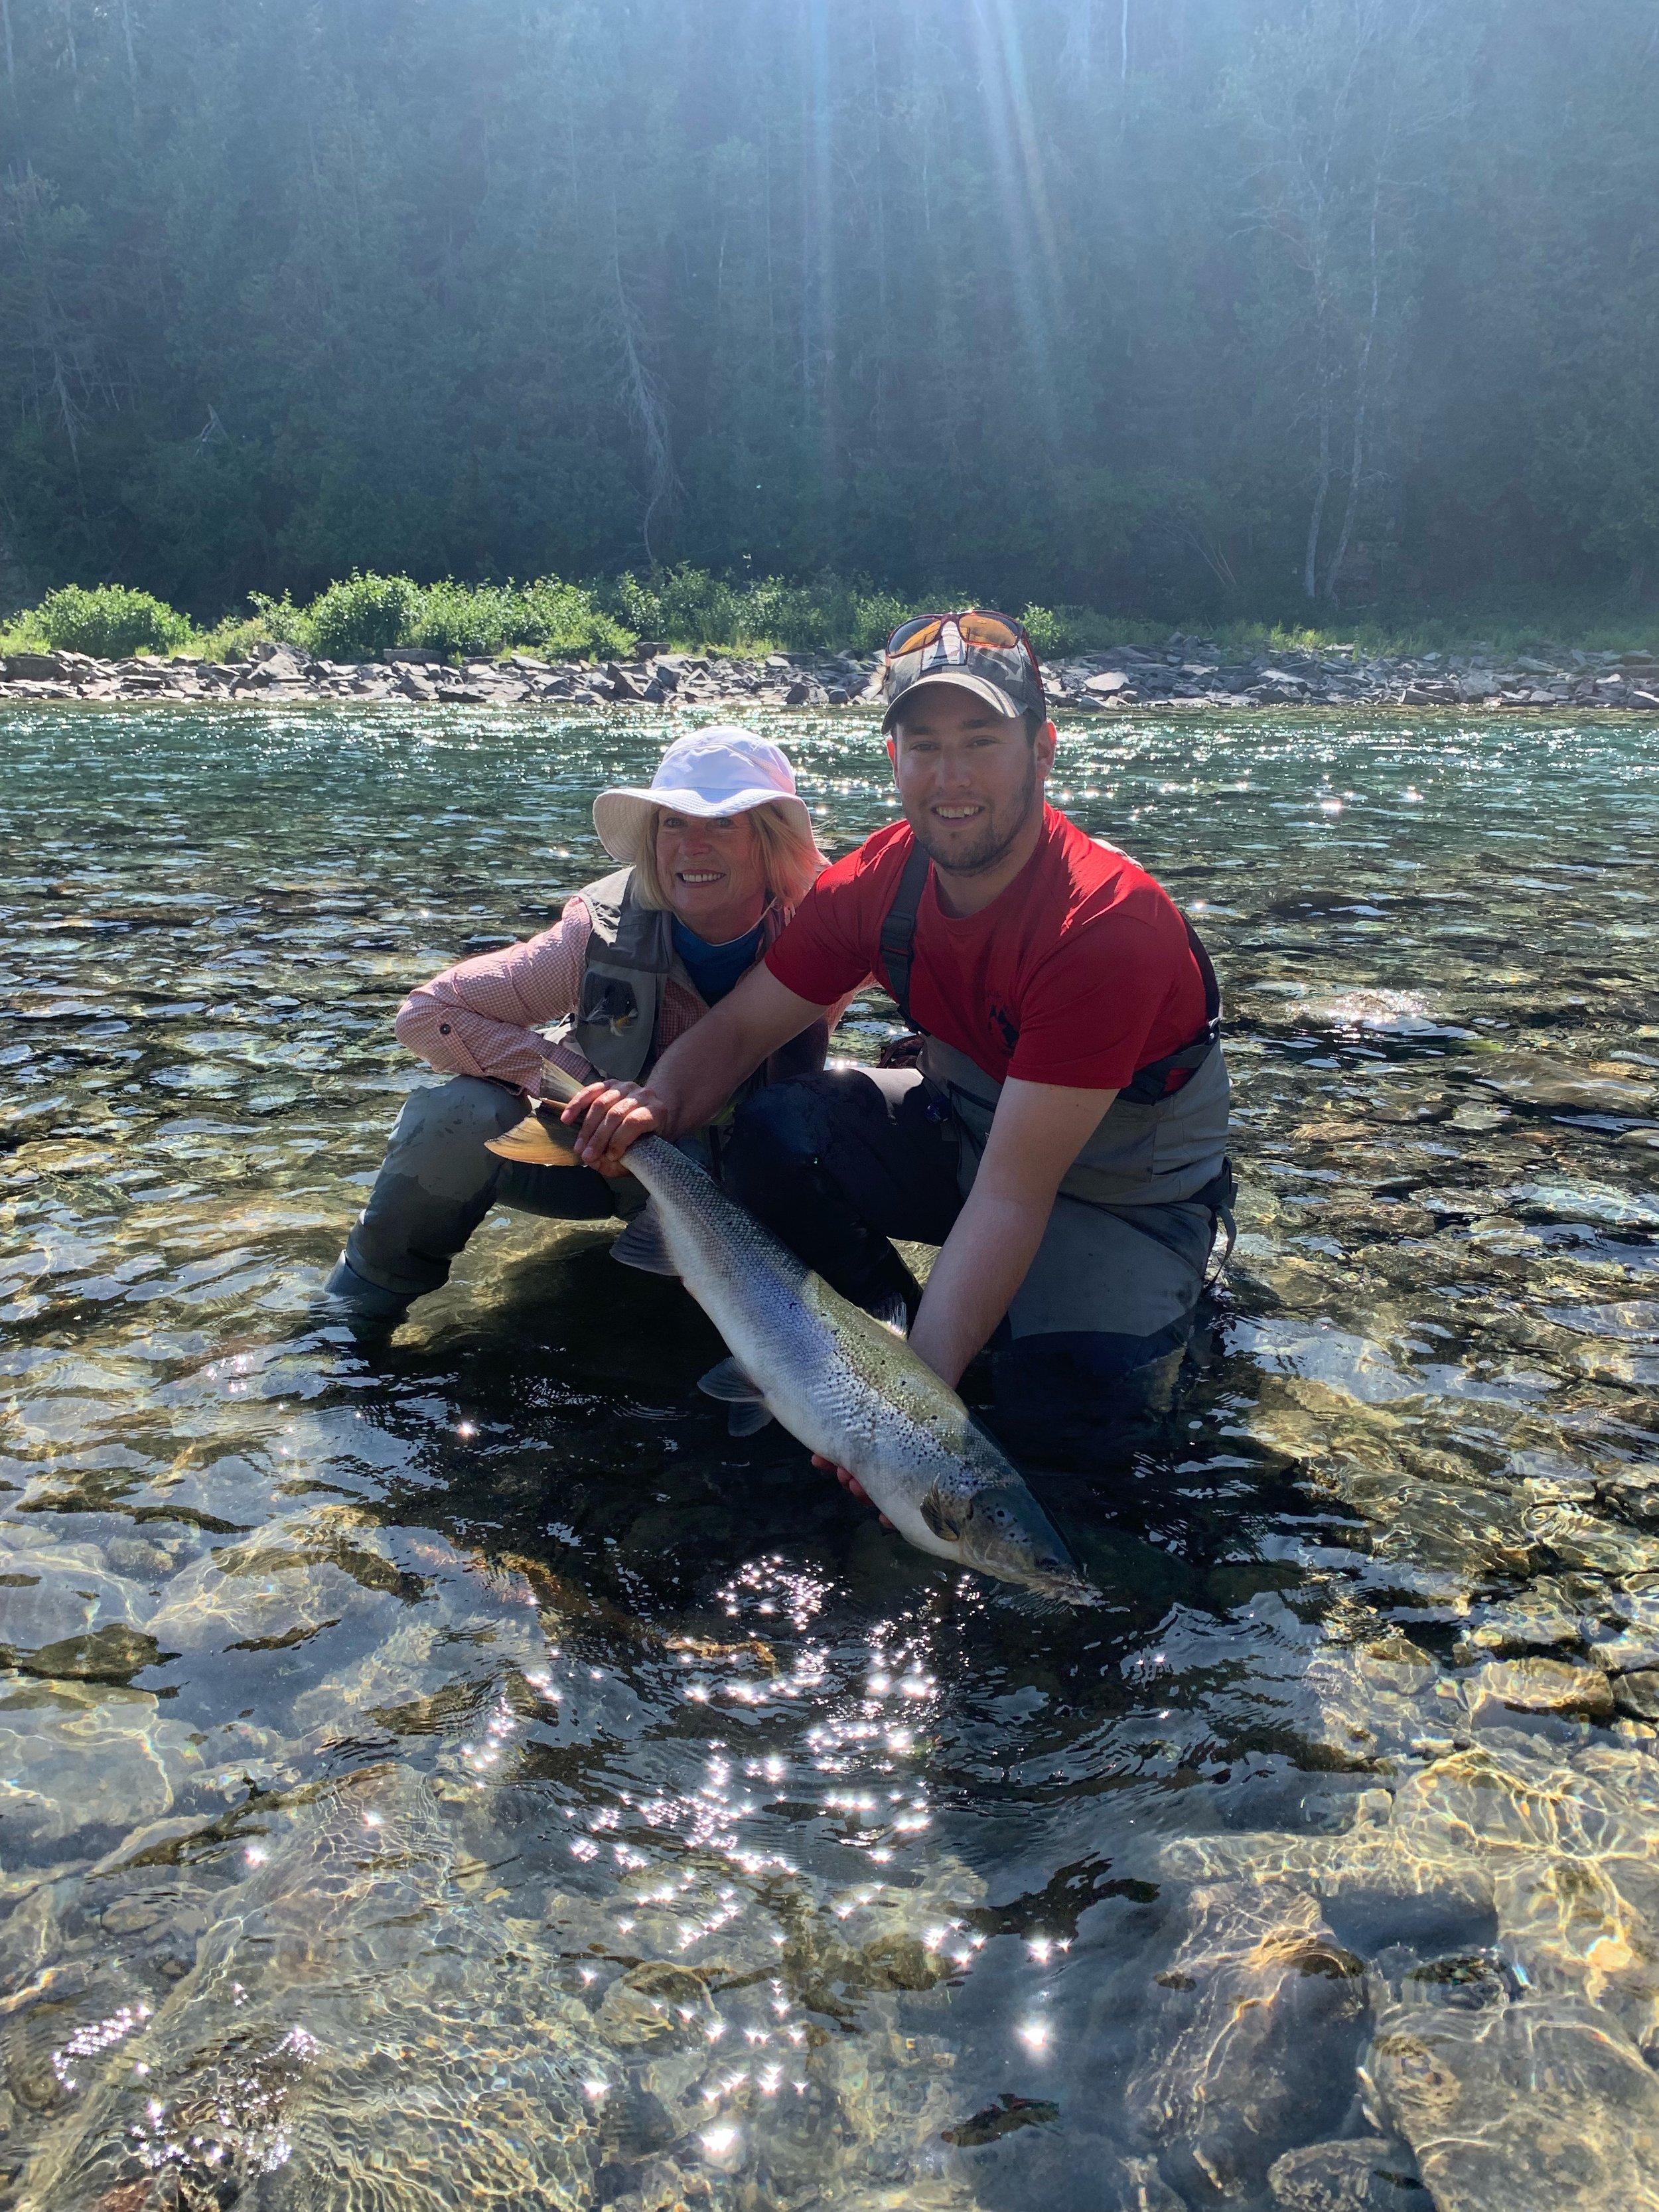 Notre chère amie Sonja Meisner a capturé ce magnifique spécimen dans la rivière Bonaventure en compagnie de Robert, notre fantastique guide.